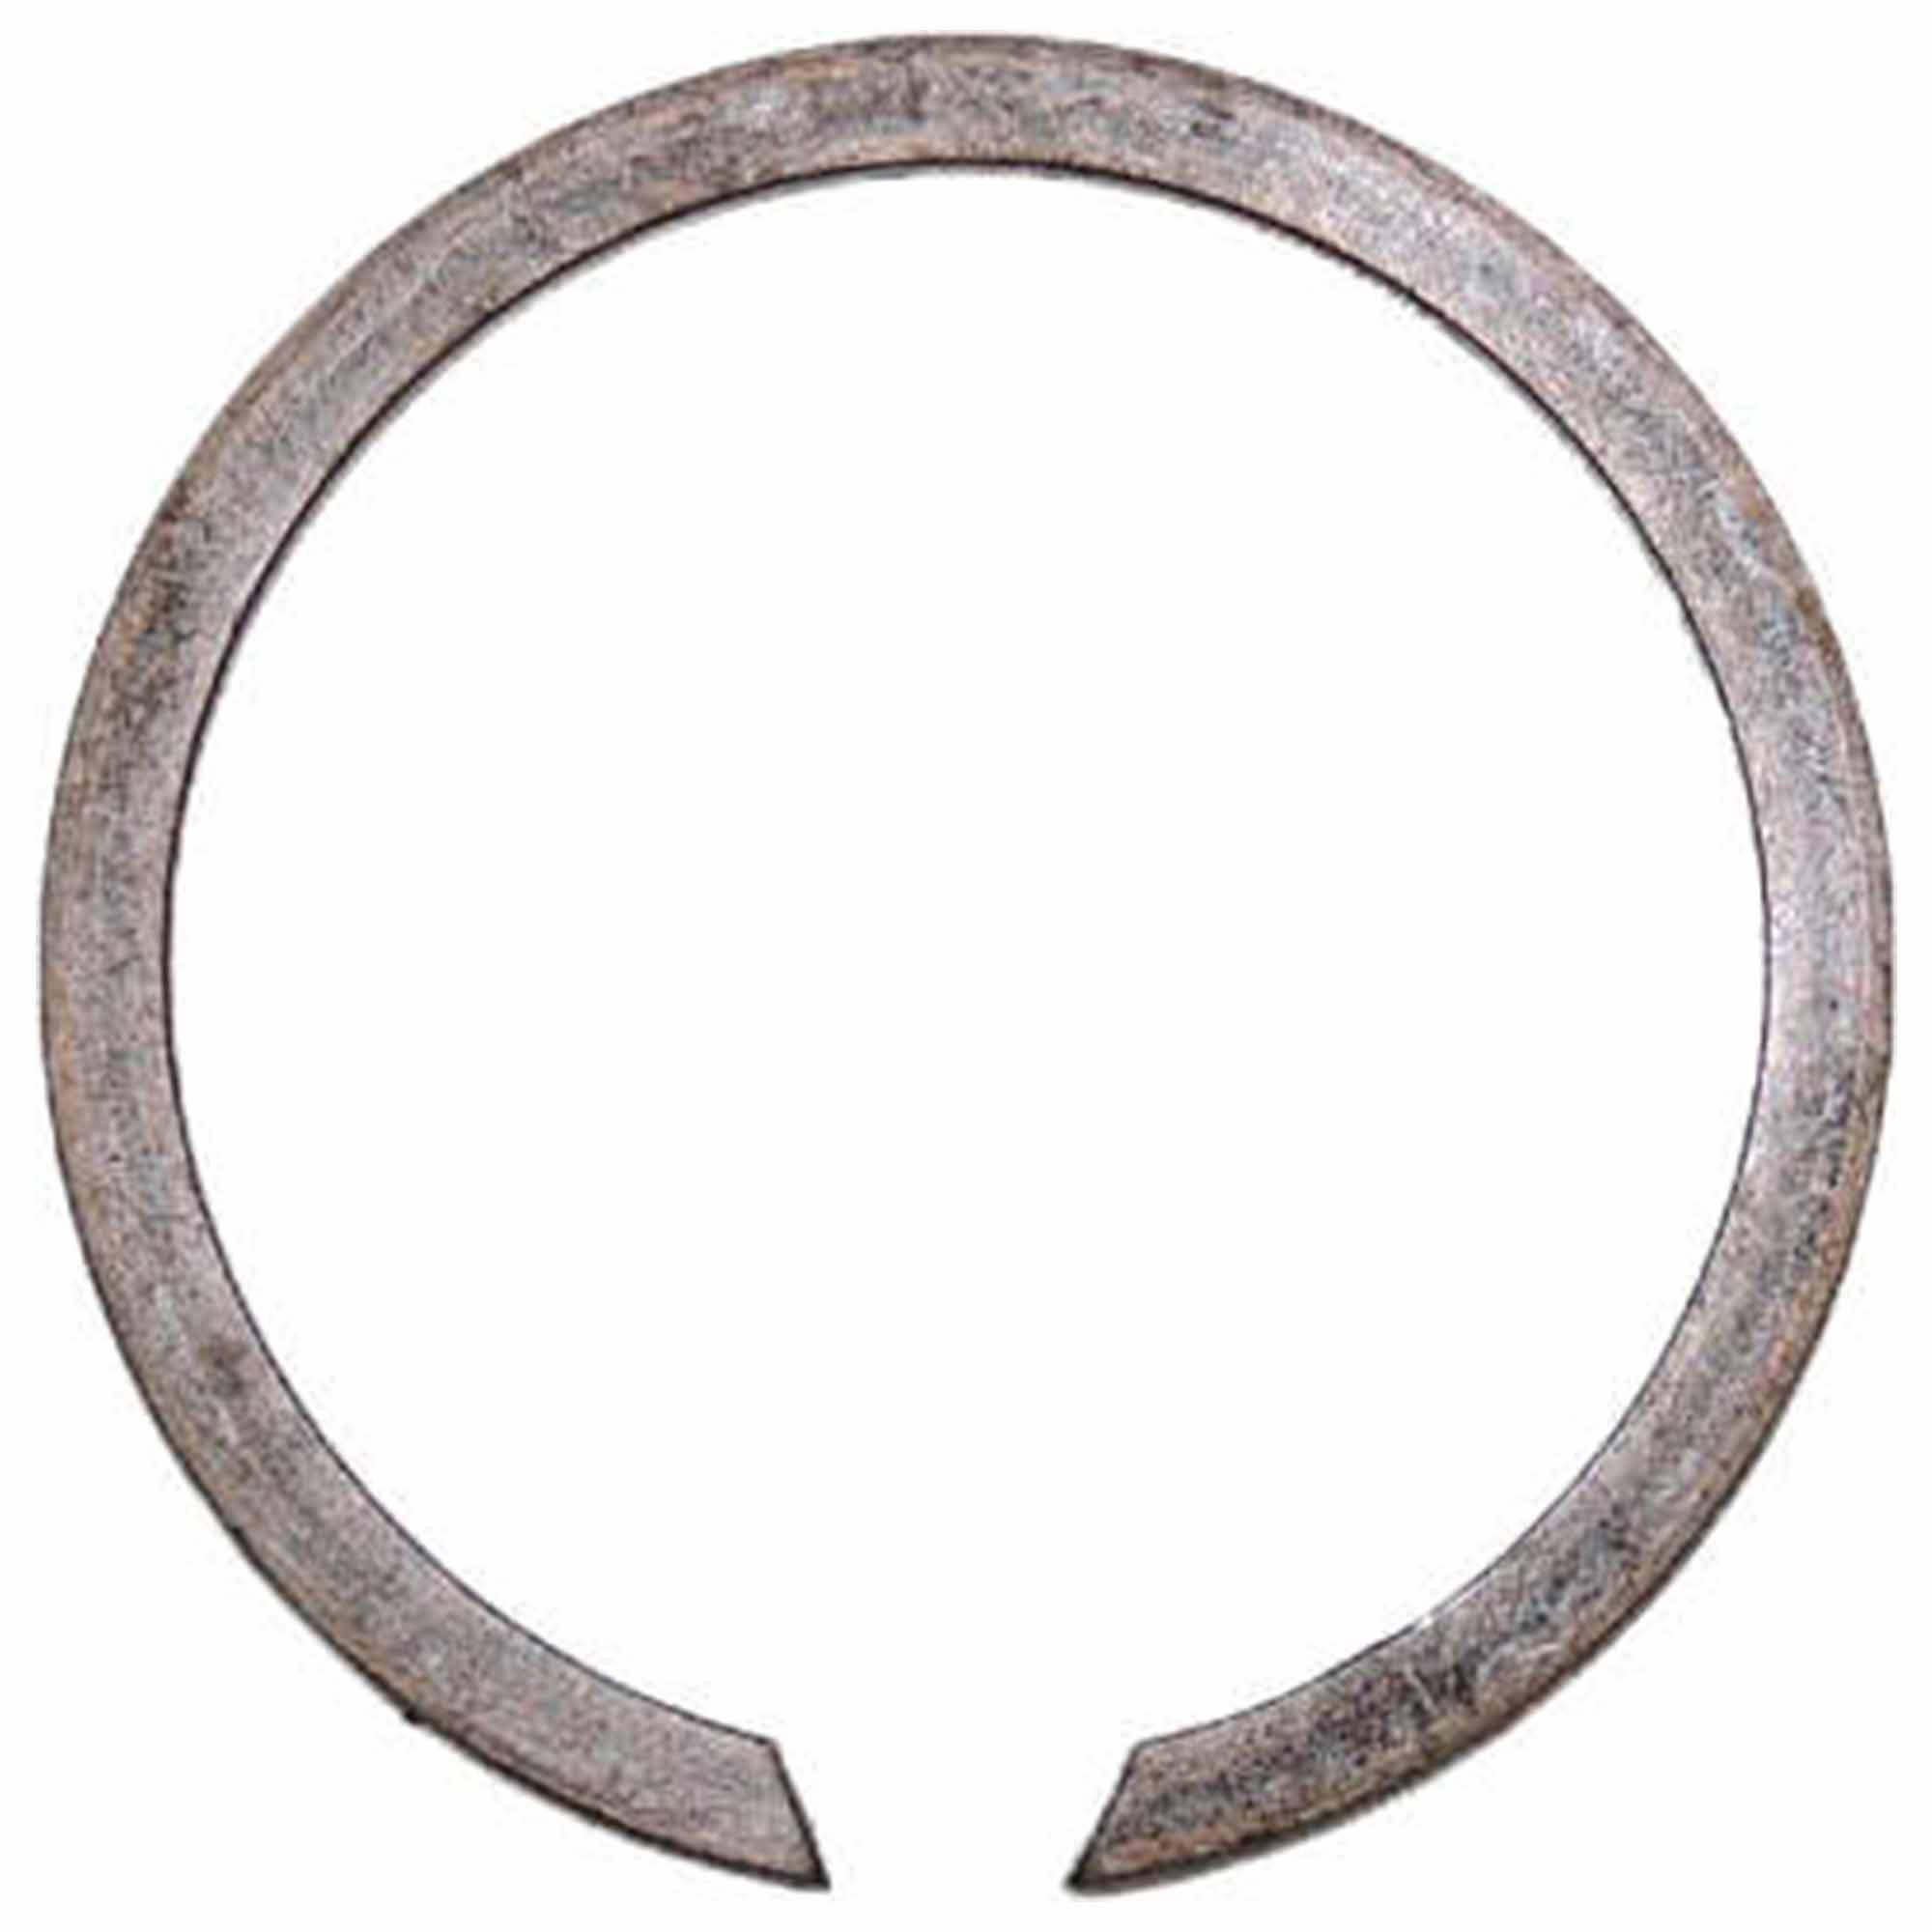 SUK381 - Anel retentor de aço